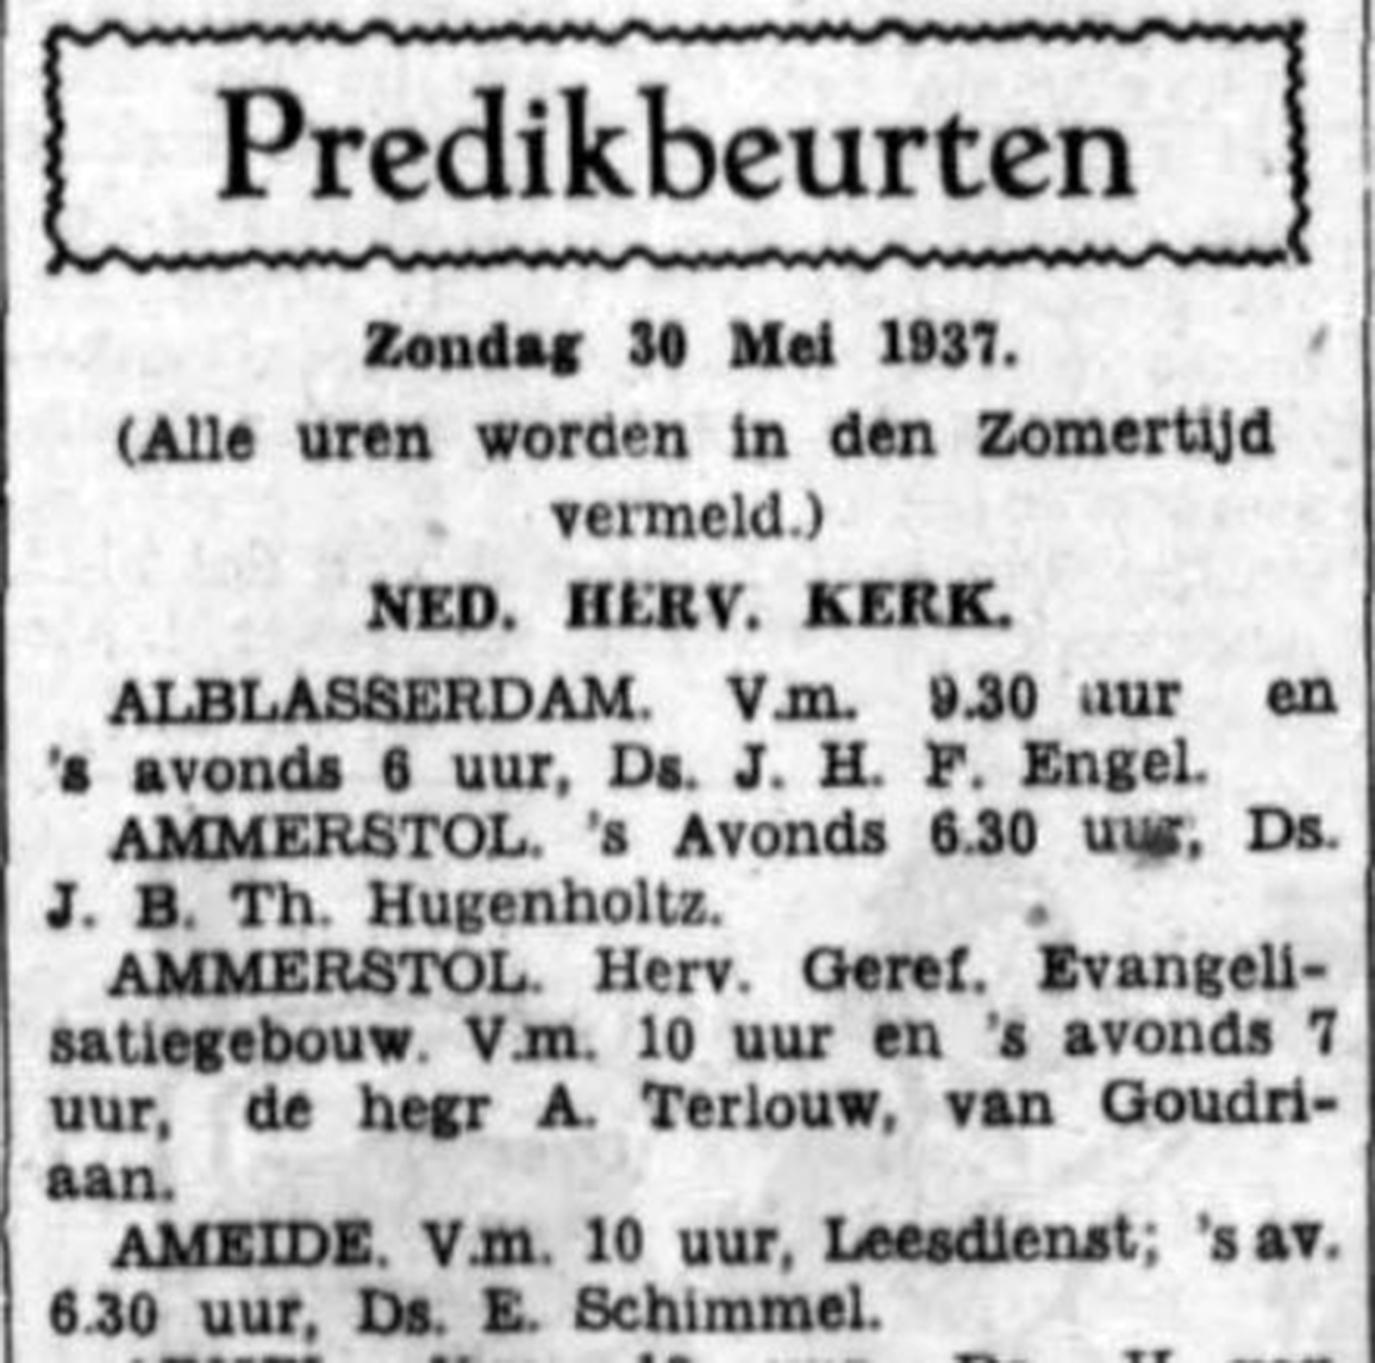 schoonhovensche-courant-07815-1937-05-28-artikel-05